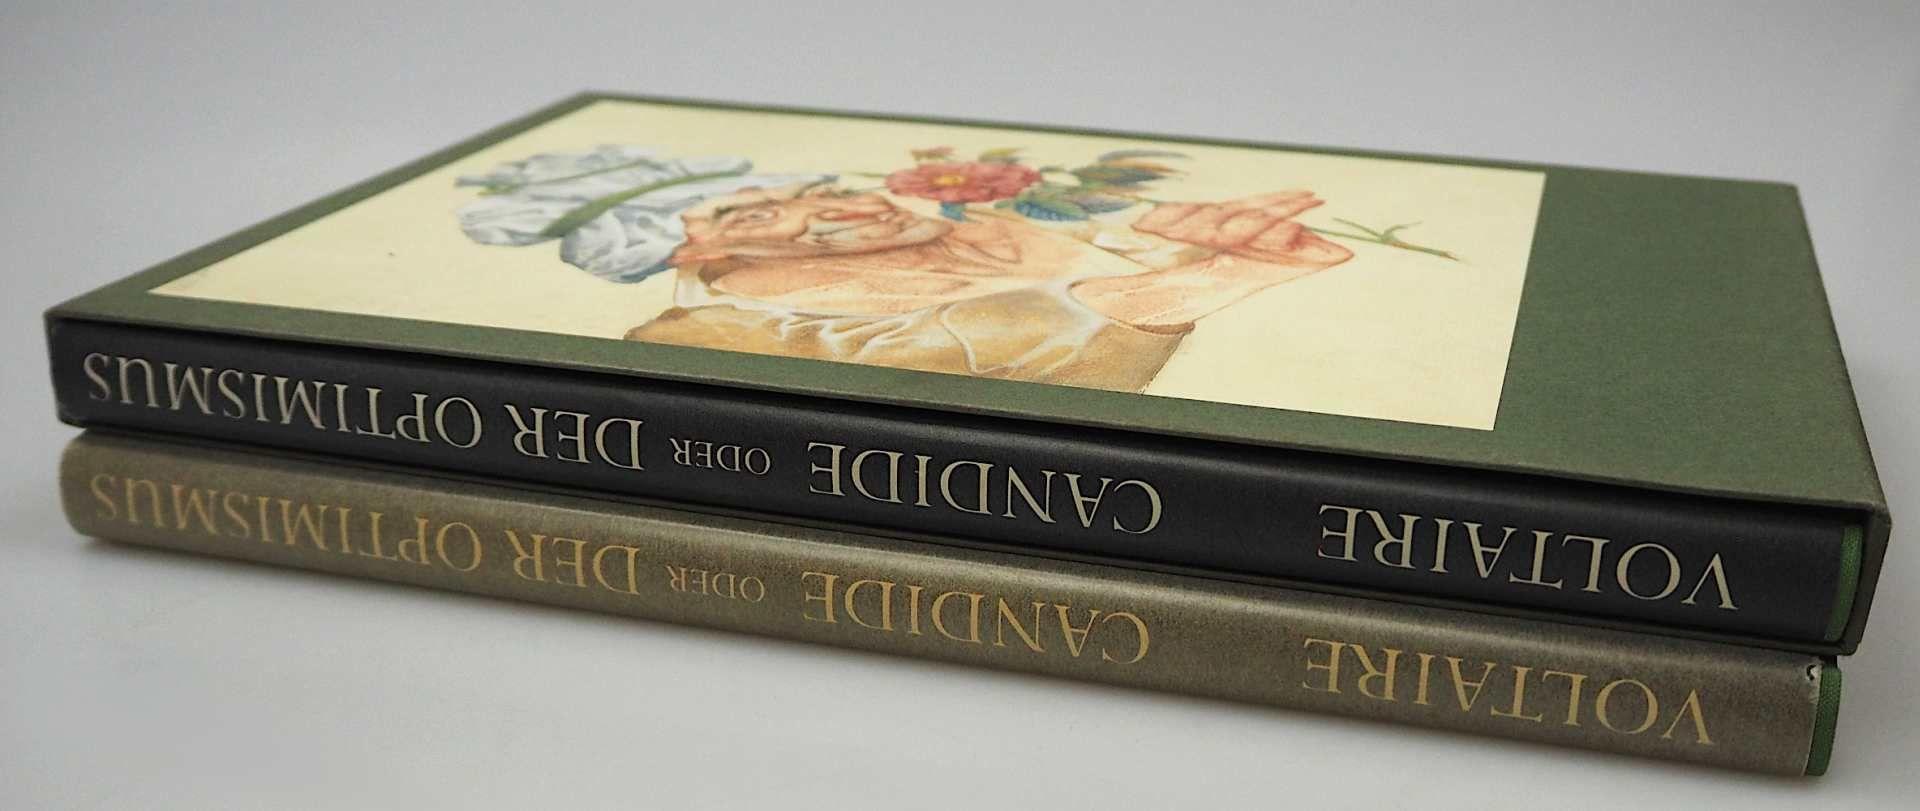 1 Sammlung Kunstbücher mit dem Schwerpunkt Michael Mathias PRECHTL (wohl 1926-2003) z.T. mit Or - Bild 4 aus 11